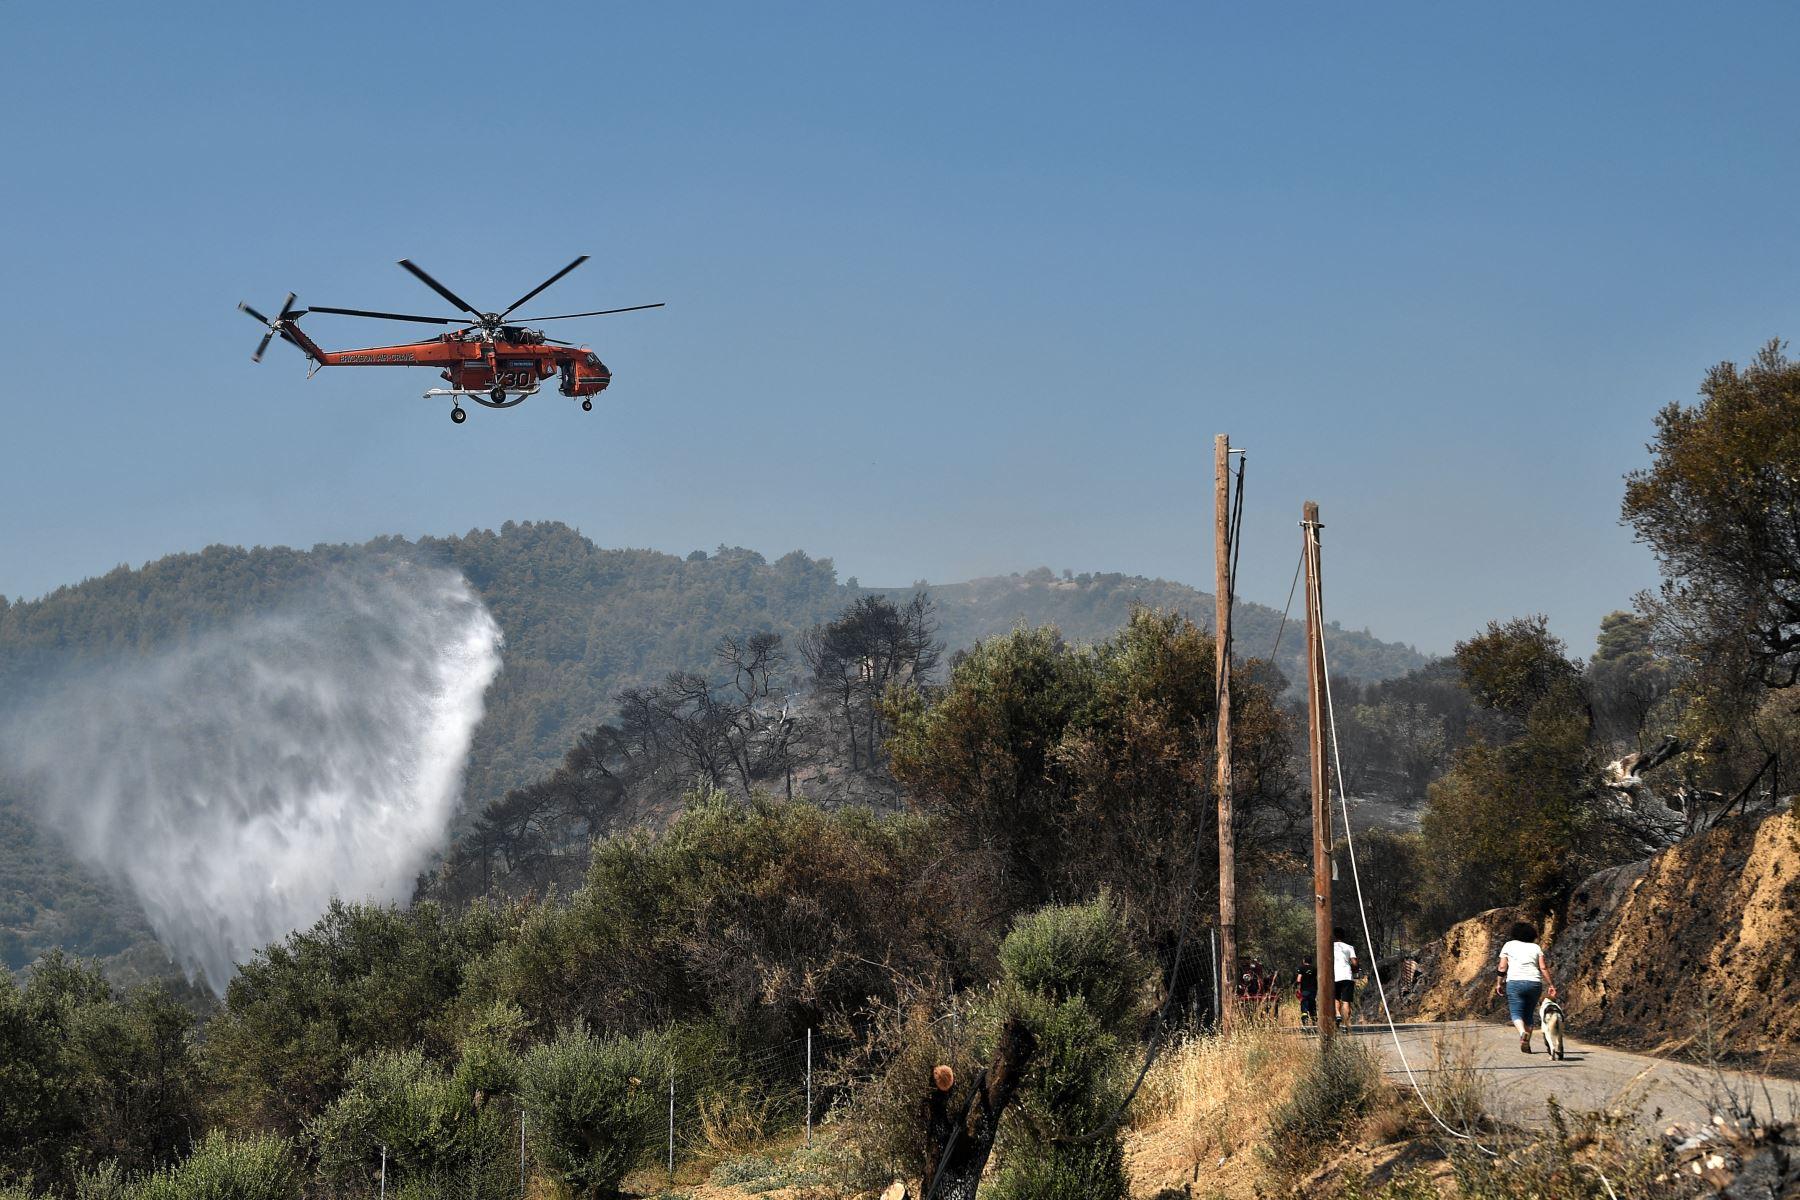 Un helicóptero Sikorsky S-64 Skycrane deja caer su carga de agua mientras lucha contra incendios en Ziria, cerca de Patras. Foto: AFP